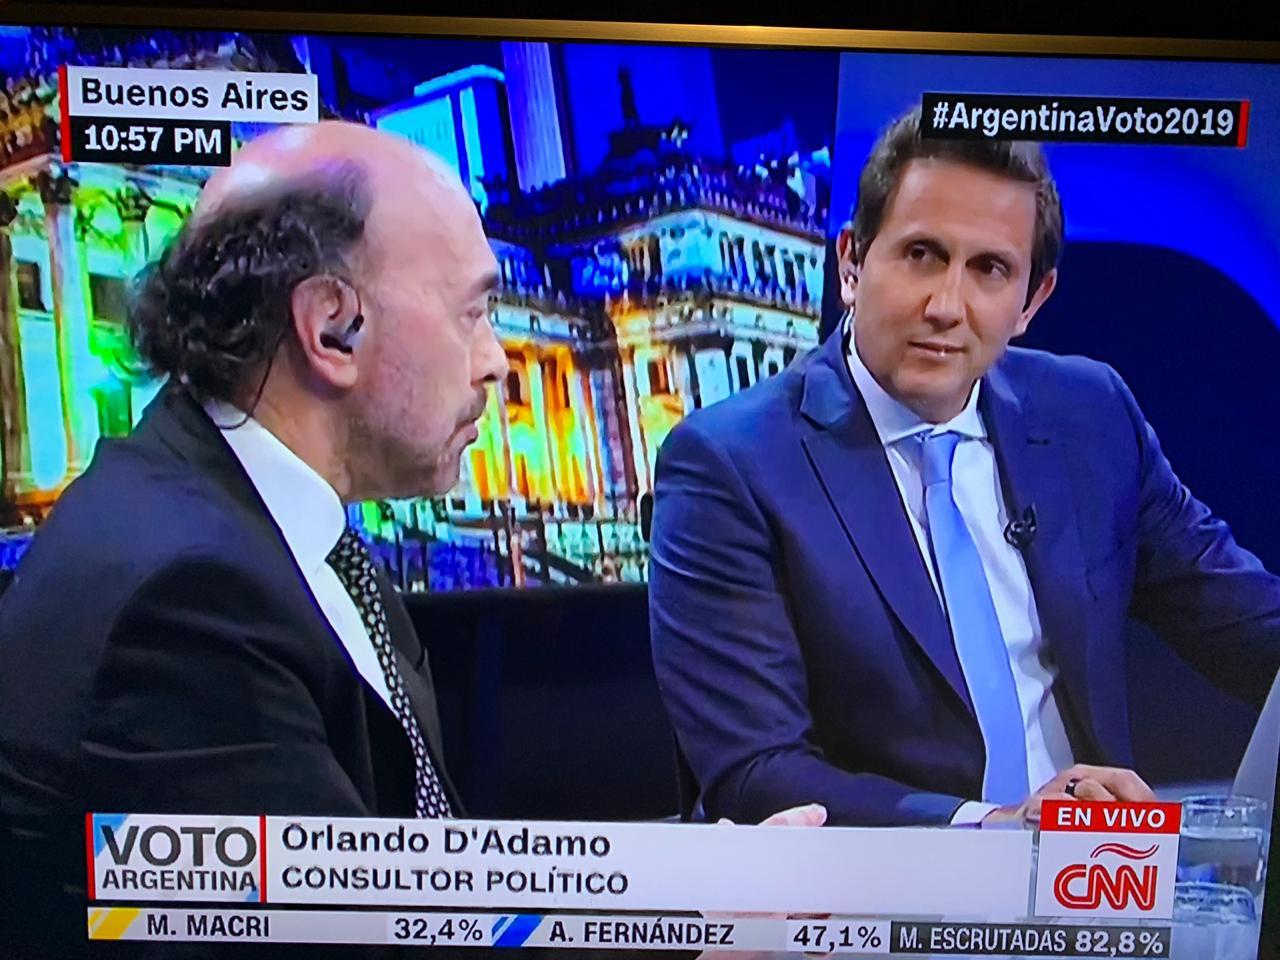 En piso de CNN, analizamos los resultados de las PASO Argentina 2019(7)